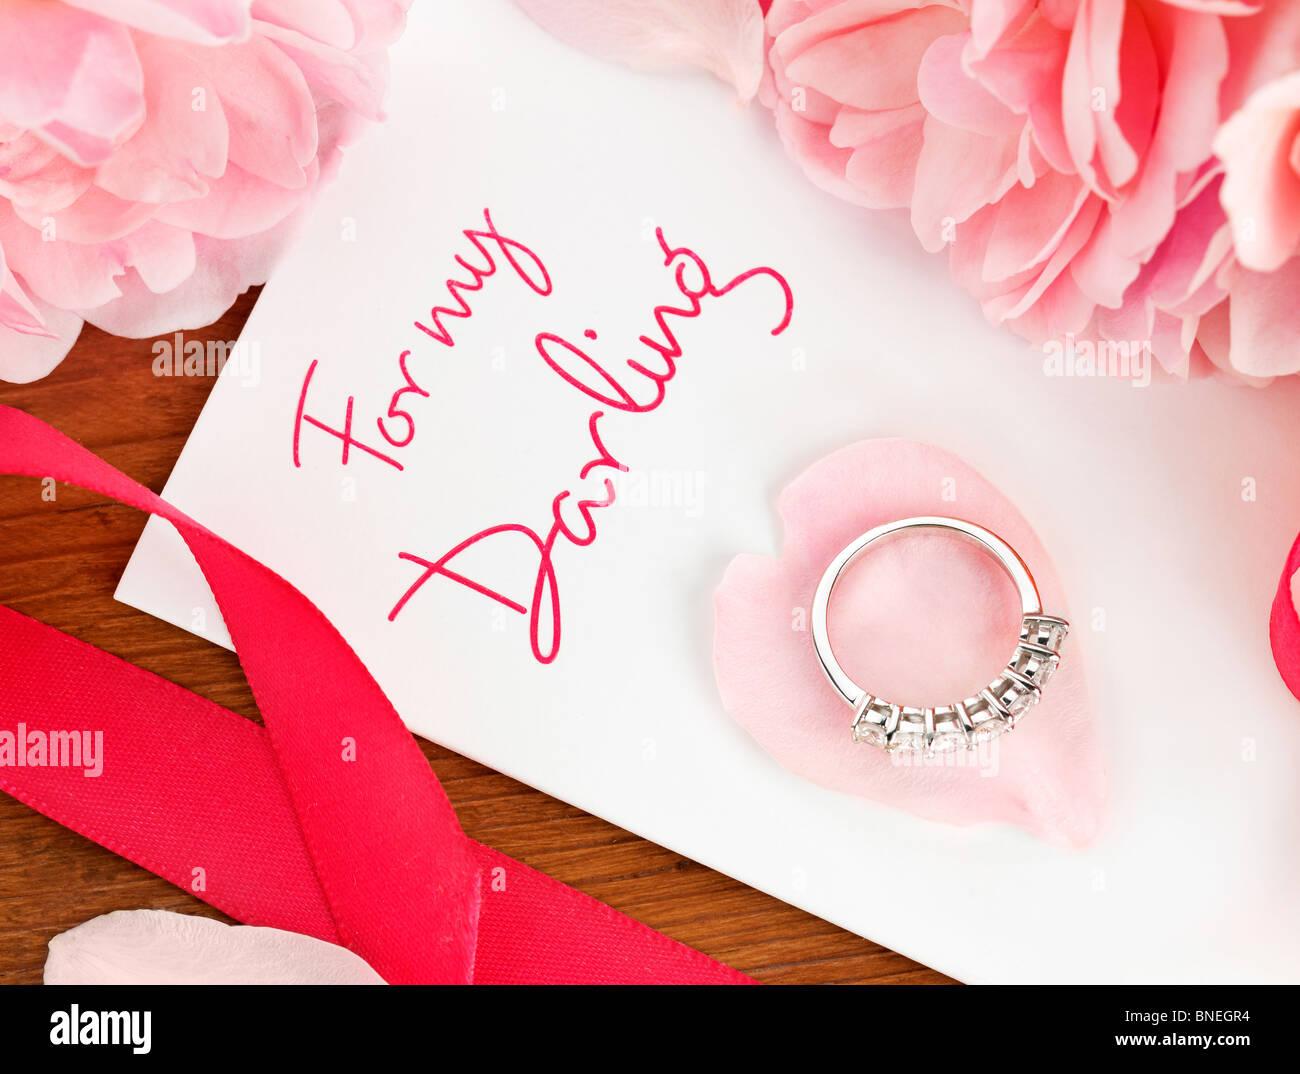 Cartes de Vœux romantique Photo Stock